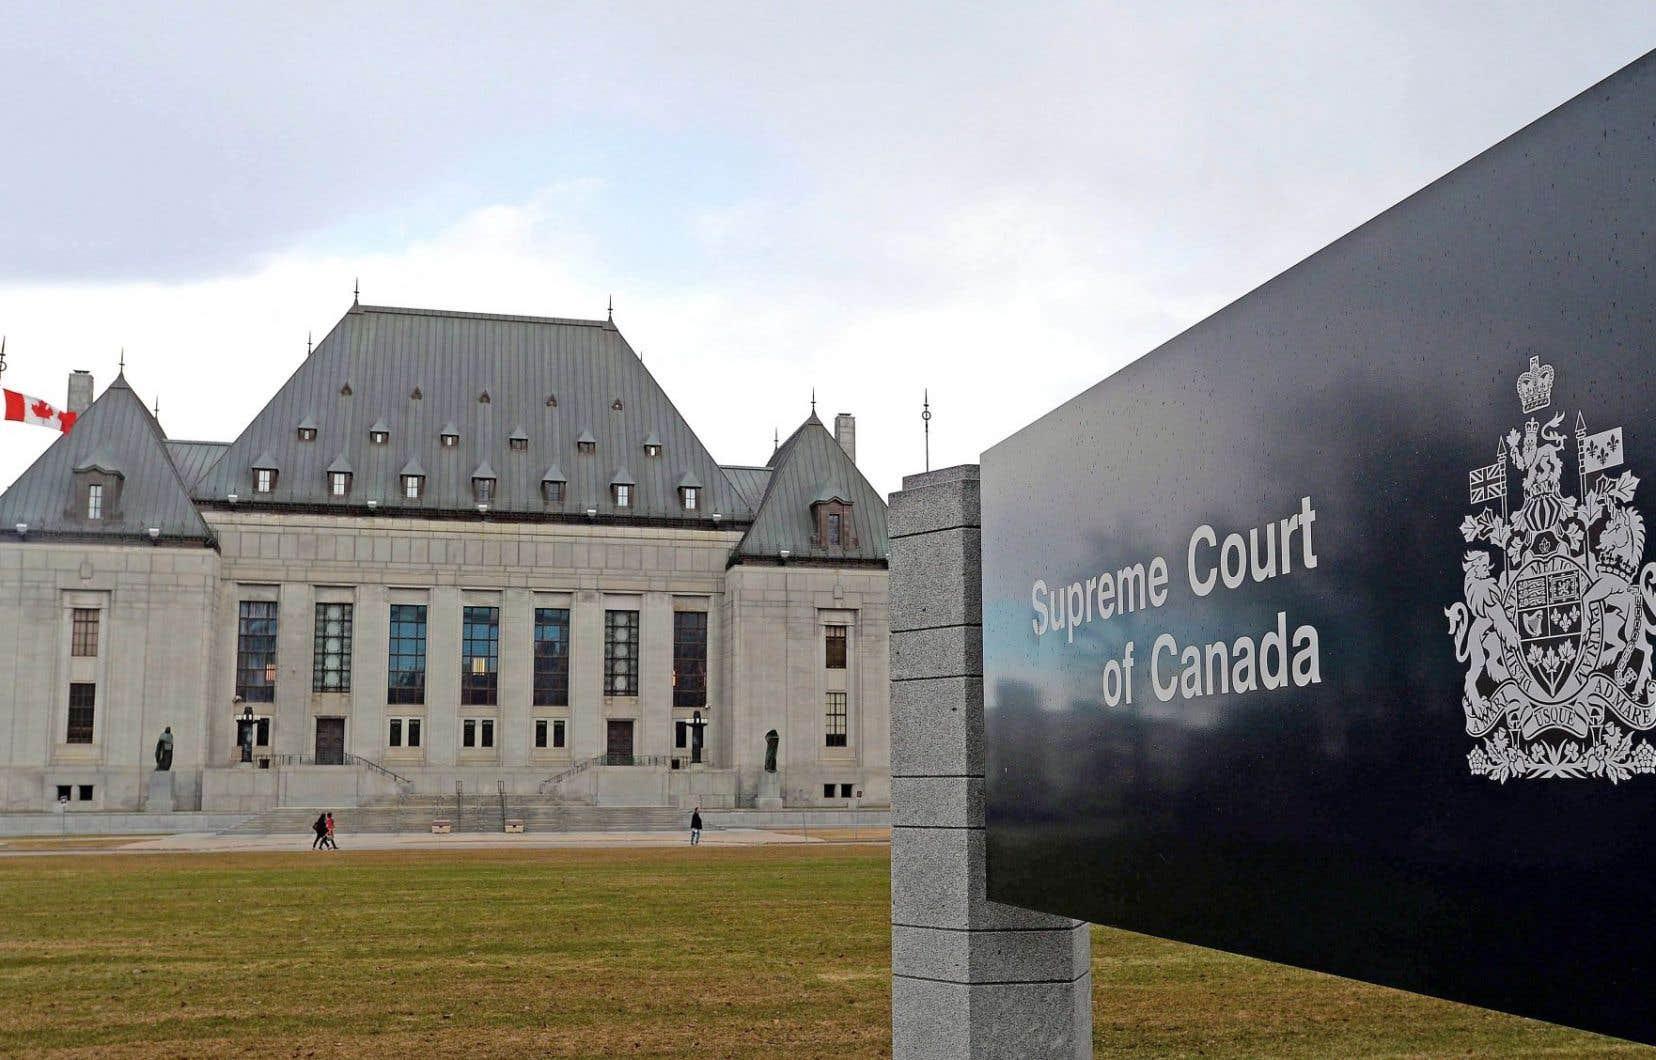 La Cour suprême entend aujourd'hui l'affaire Cody, du nom d'un homme qui a vu son procès avorter en raison de délais déraisonnables. La Cour d'appel a ensuite infirmé la décision du tribunal de première instance, si bien que la cause se retrouve maintenant devant le plus haut tribunal du pays.